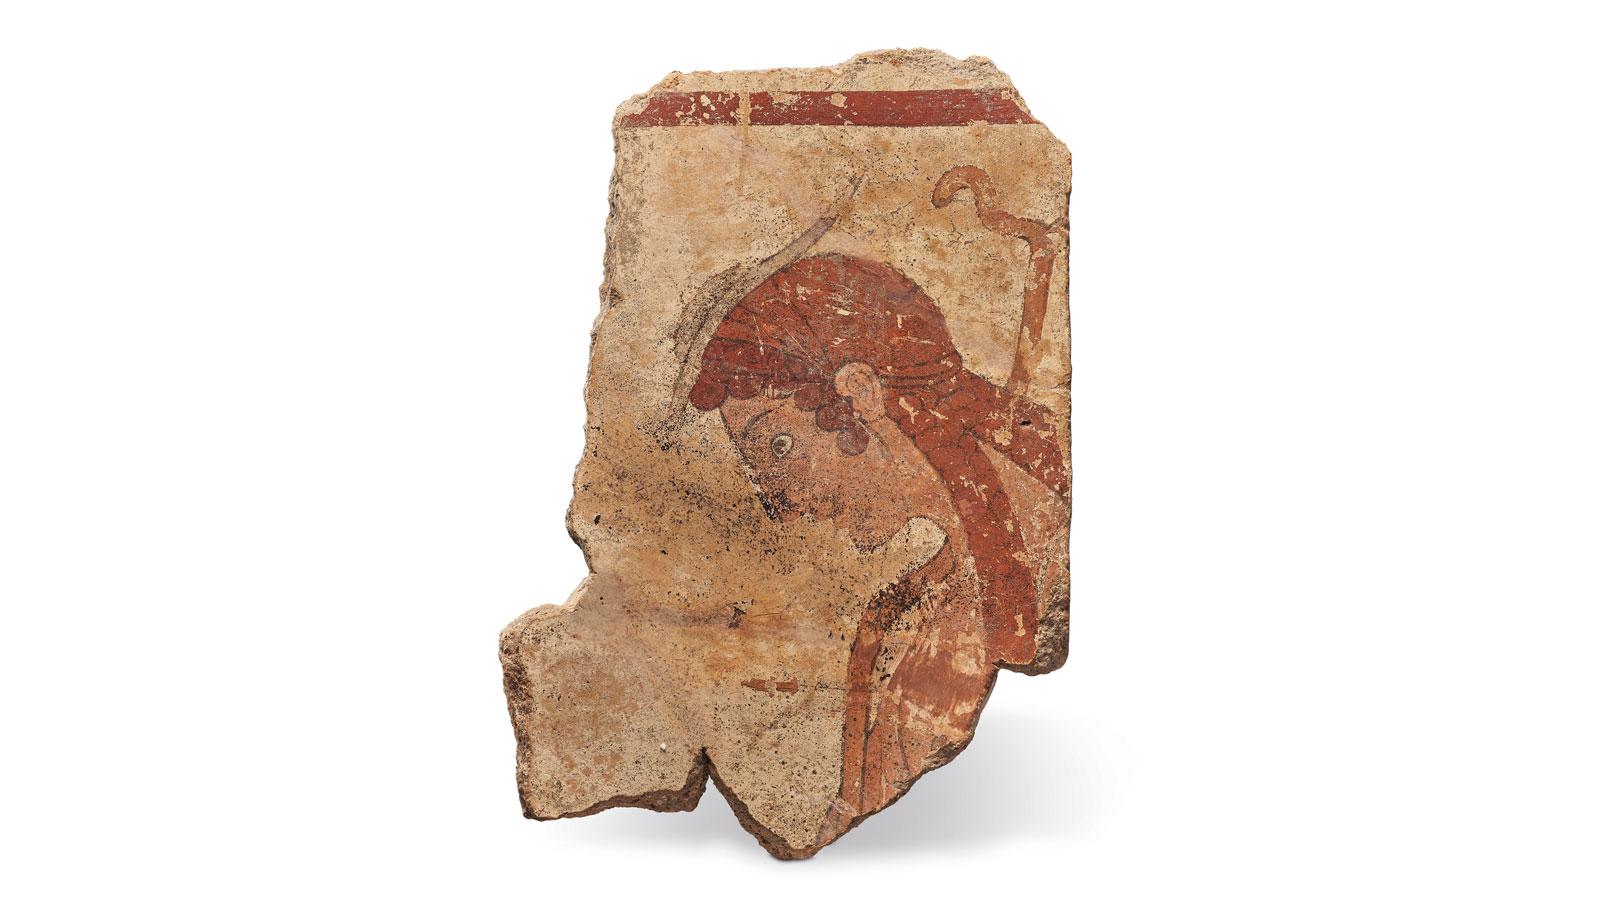 Venezia, presentato un inedito reperto etrusco: un Viaggiatore del VI-V secolo a.C.